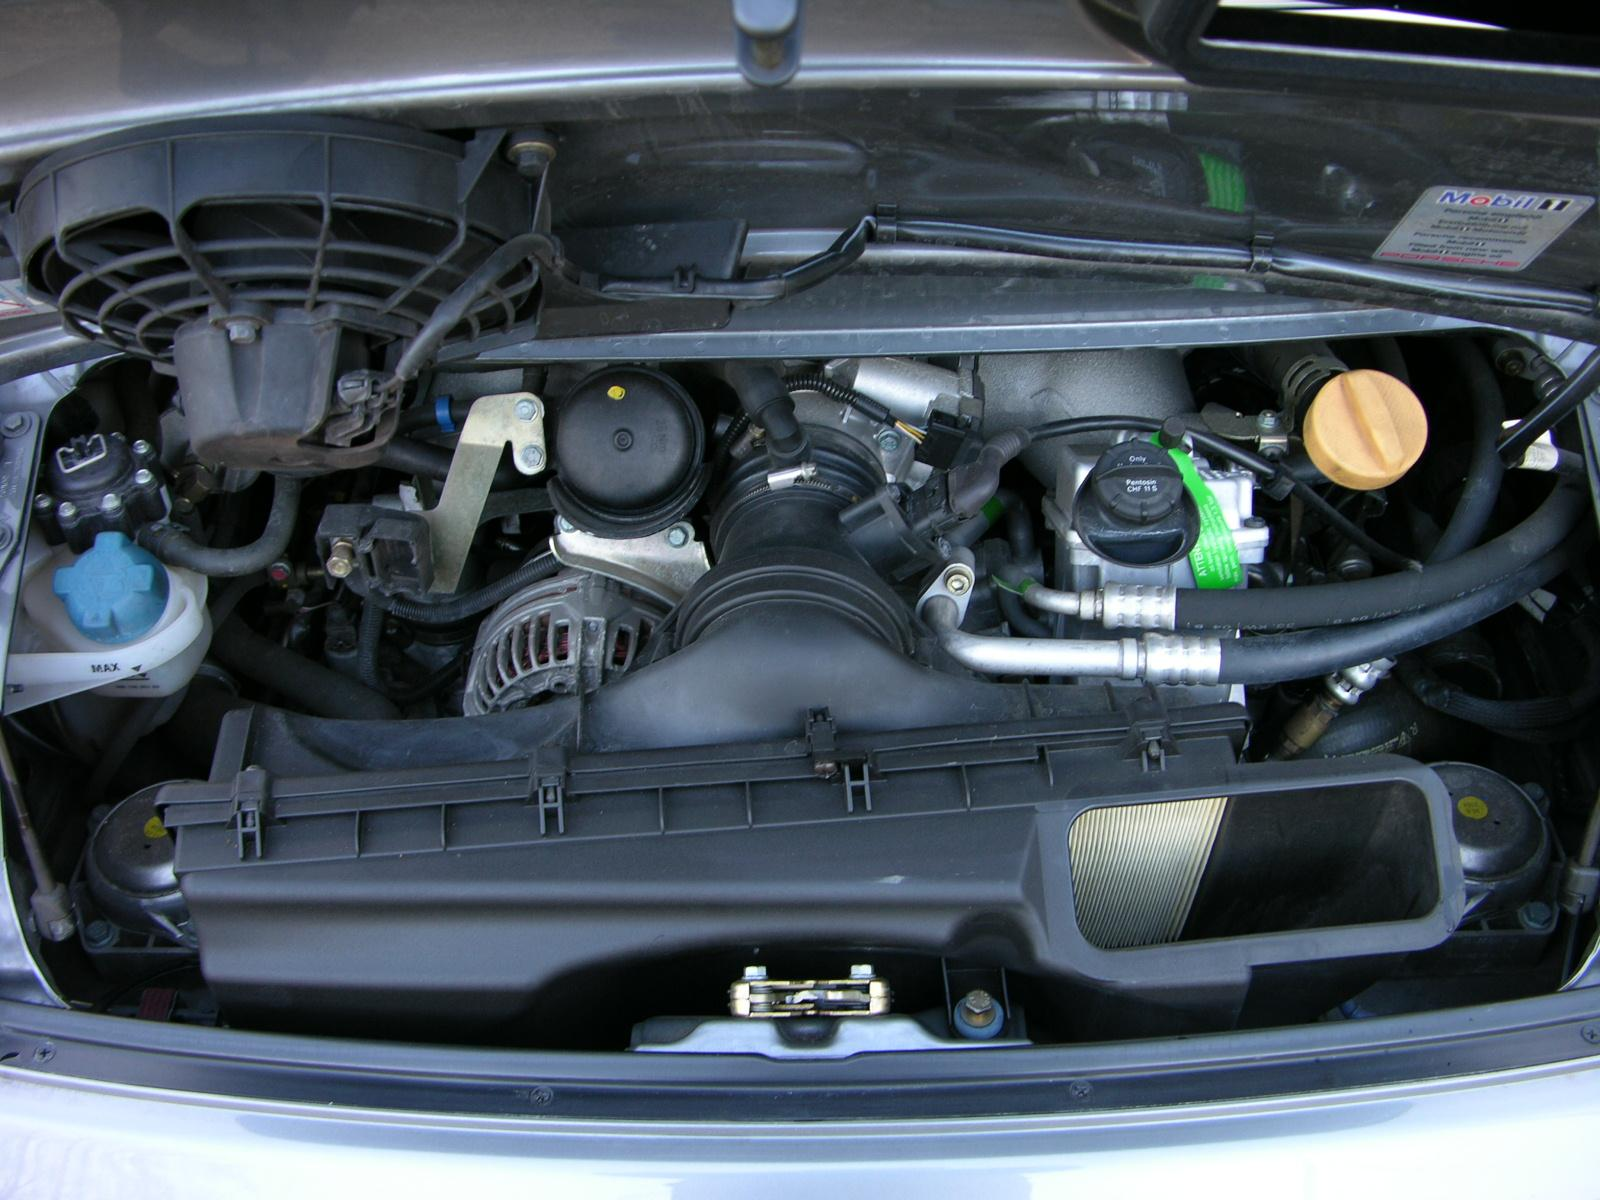 PORSCHE 996 engine